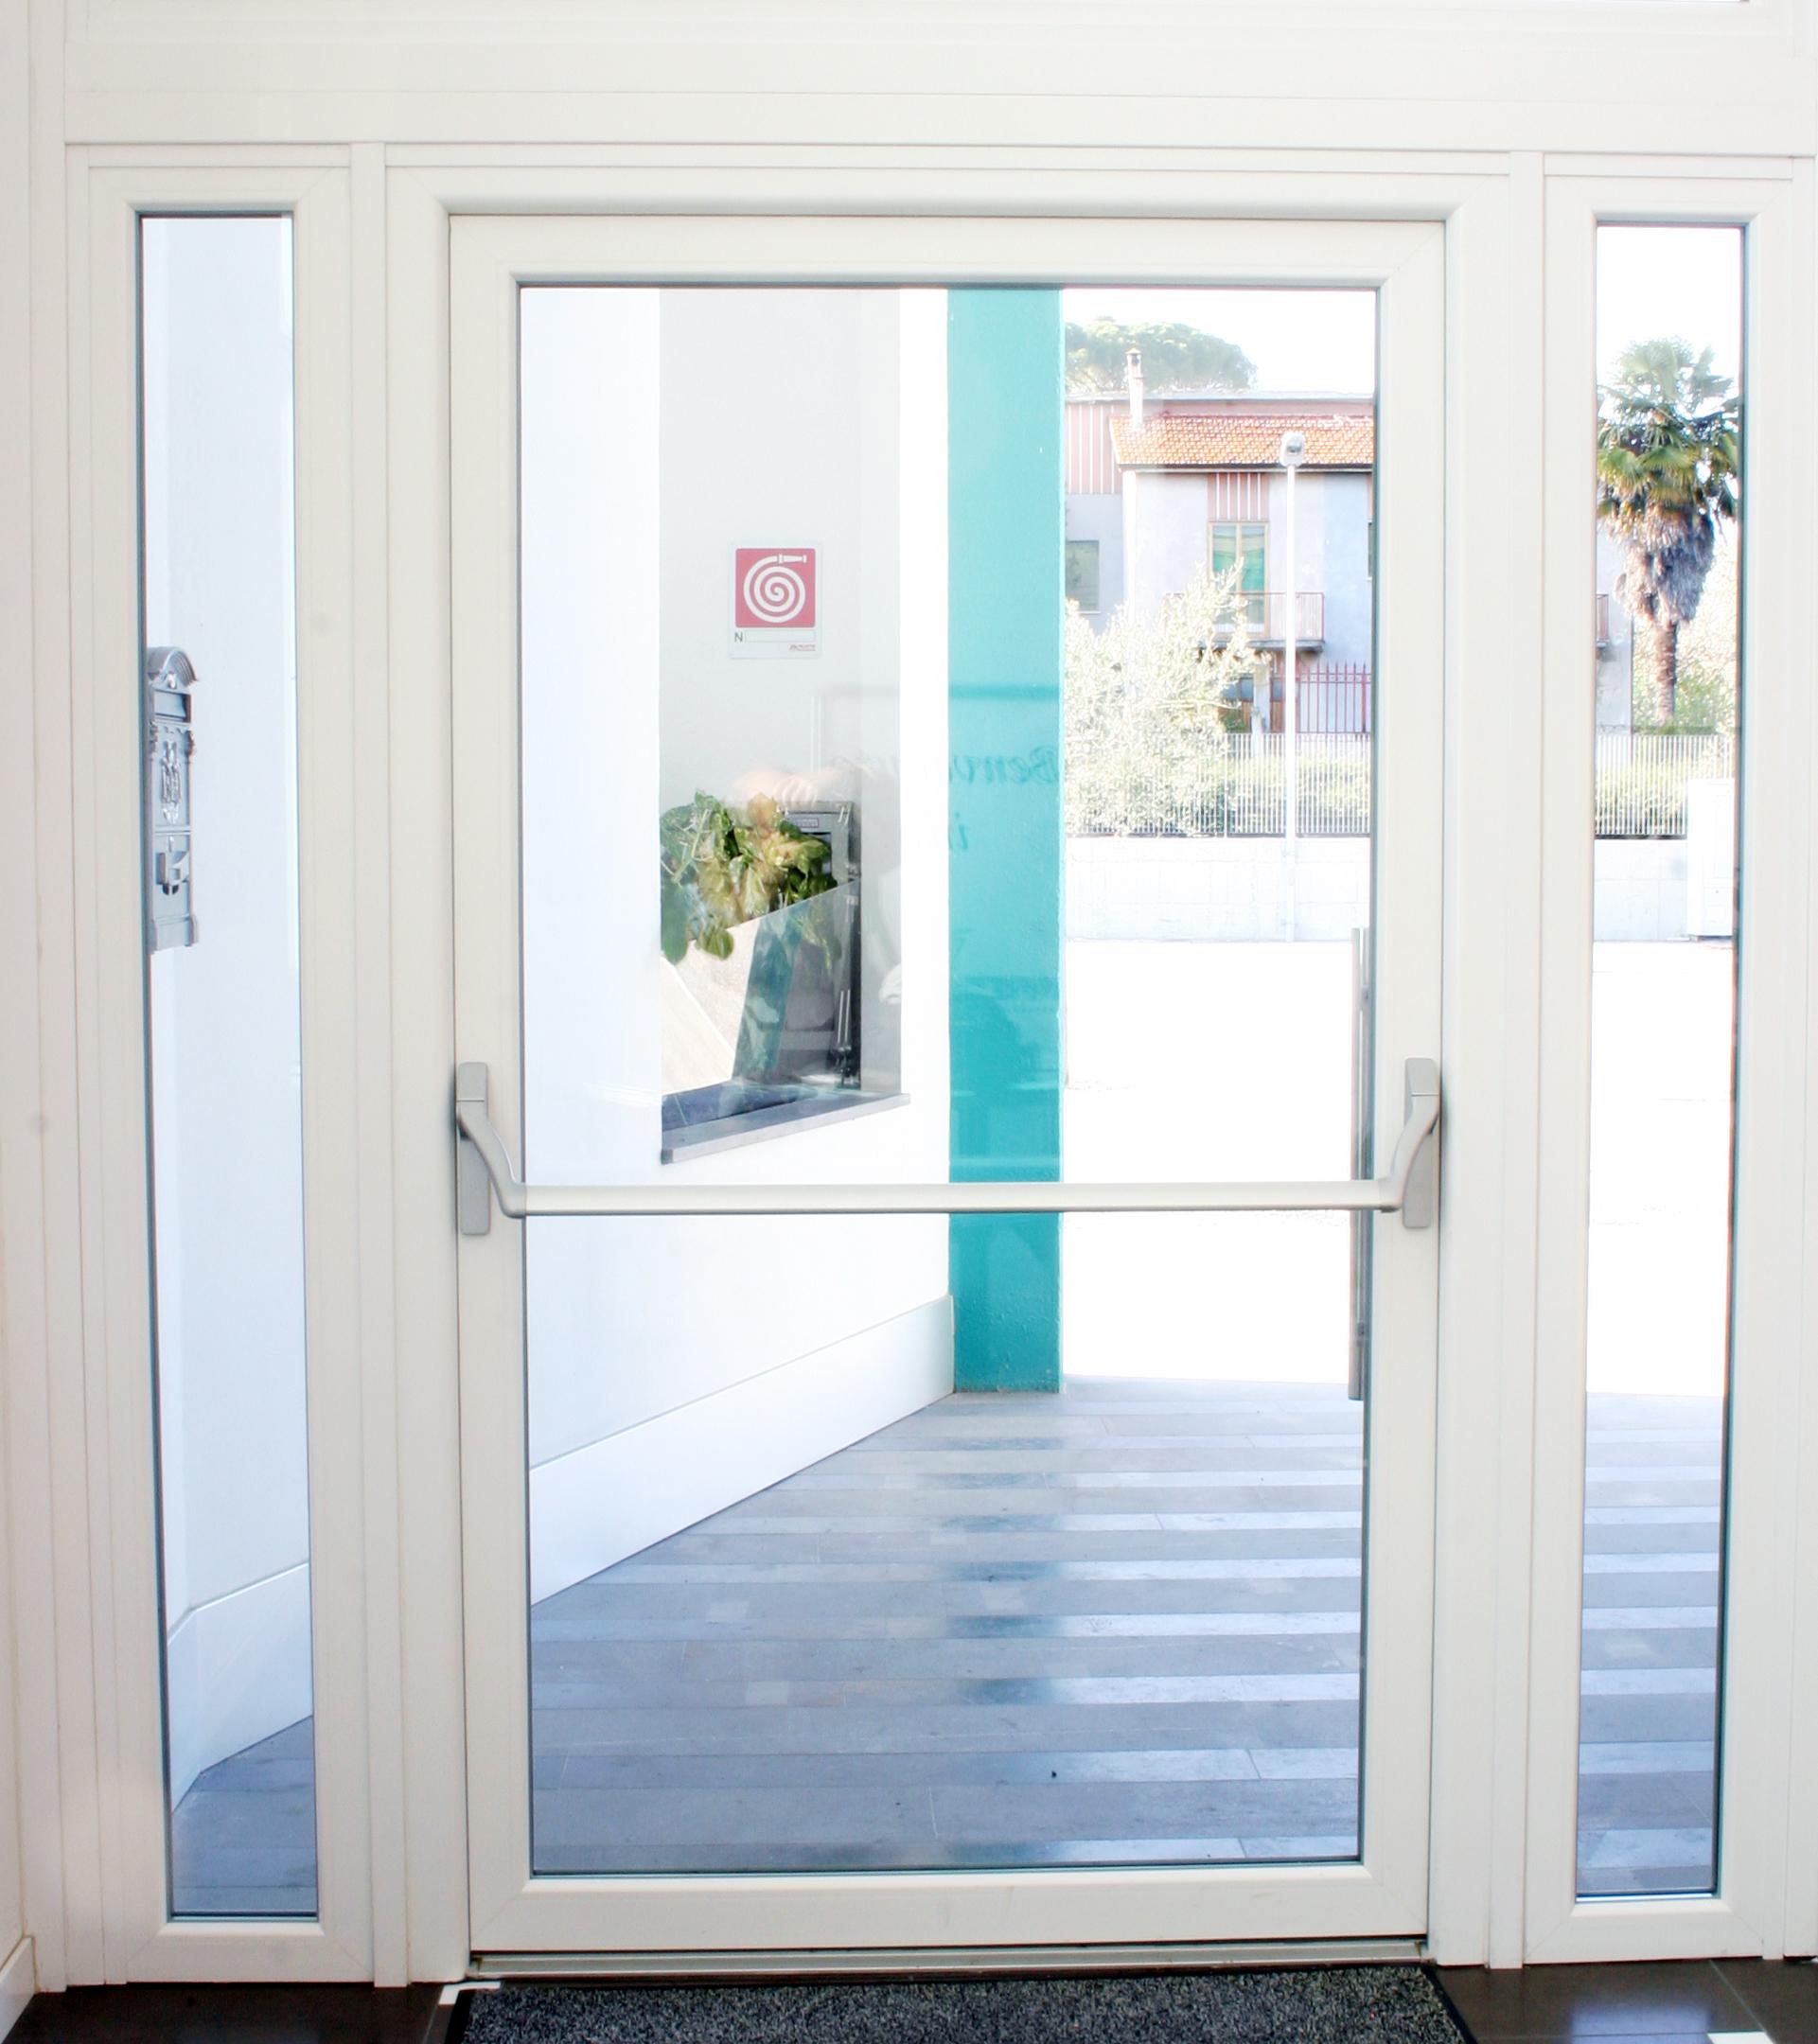 Nuova porta antipanico in pvc per le uscite di sicurezza - Dimensioni porta ...